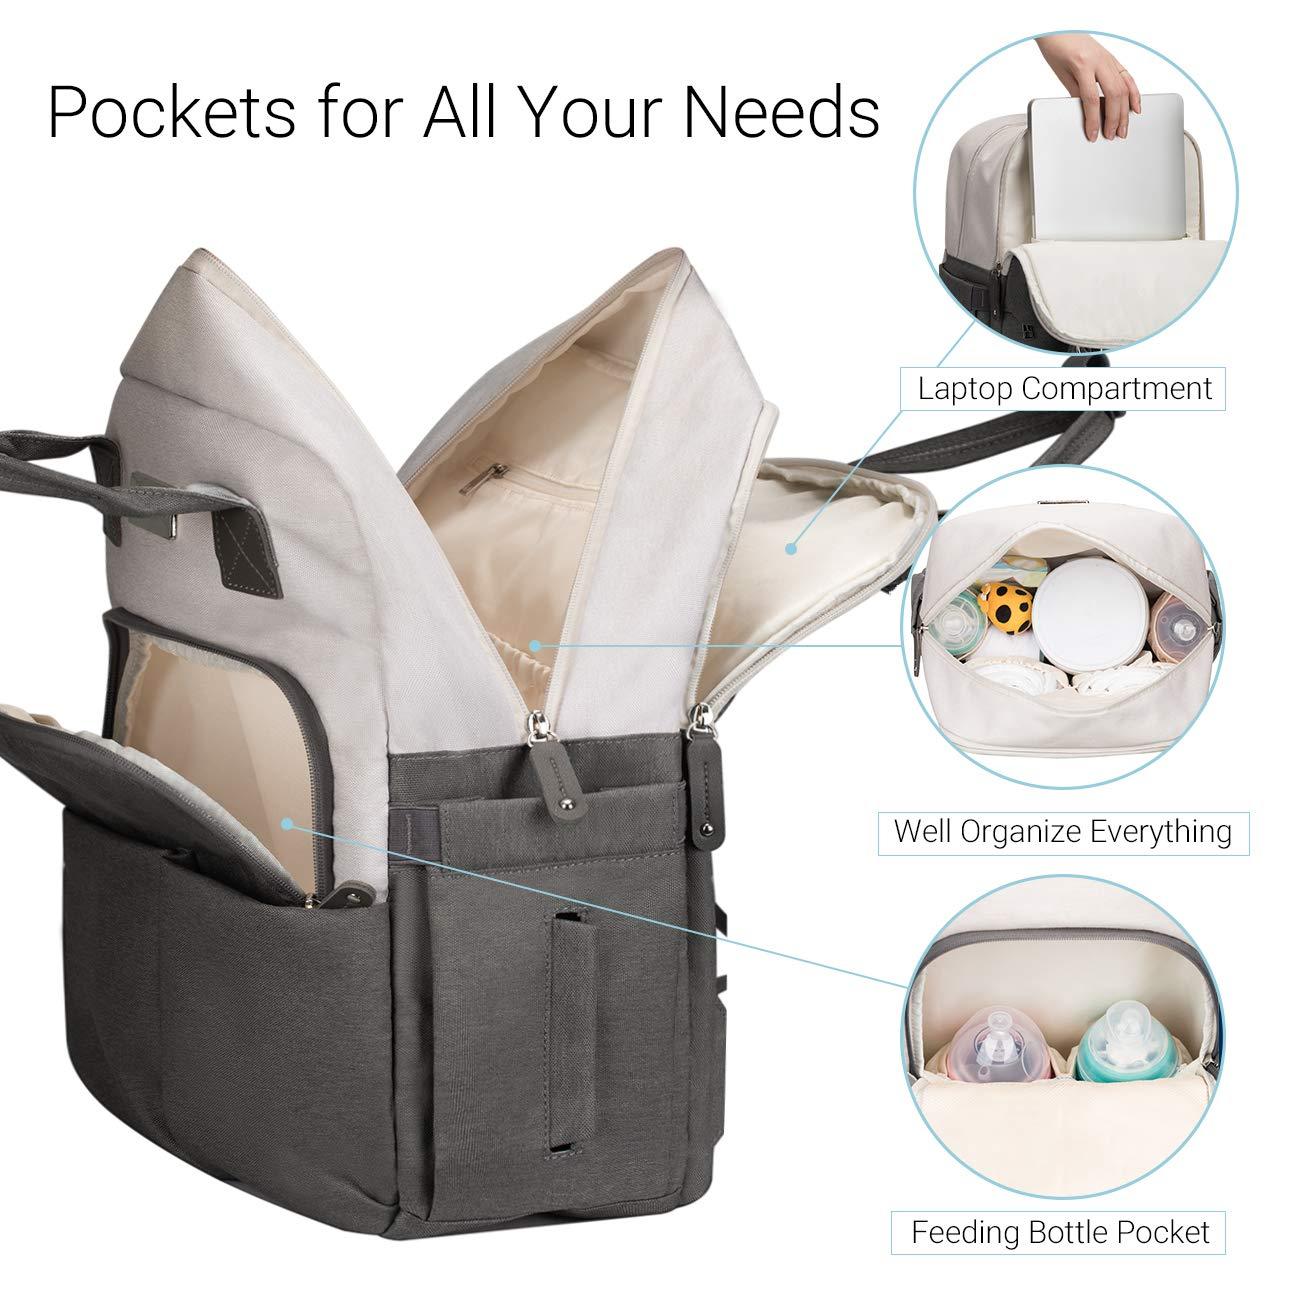 COSYLAND Baby Wickelrucksack Babytasche Wickeltasche Rucksack Multifunktional Gro/ß Kapazit/ät mit Kinderwagen-haken Isolierte Tasche USB-Lade Port Grau-Wei/ß